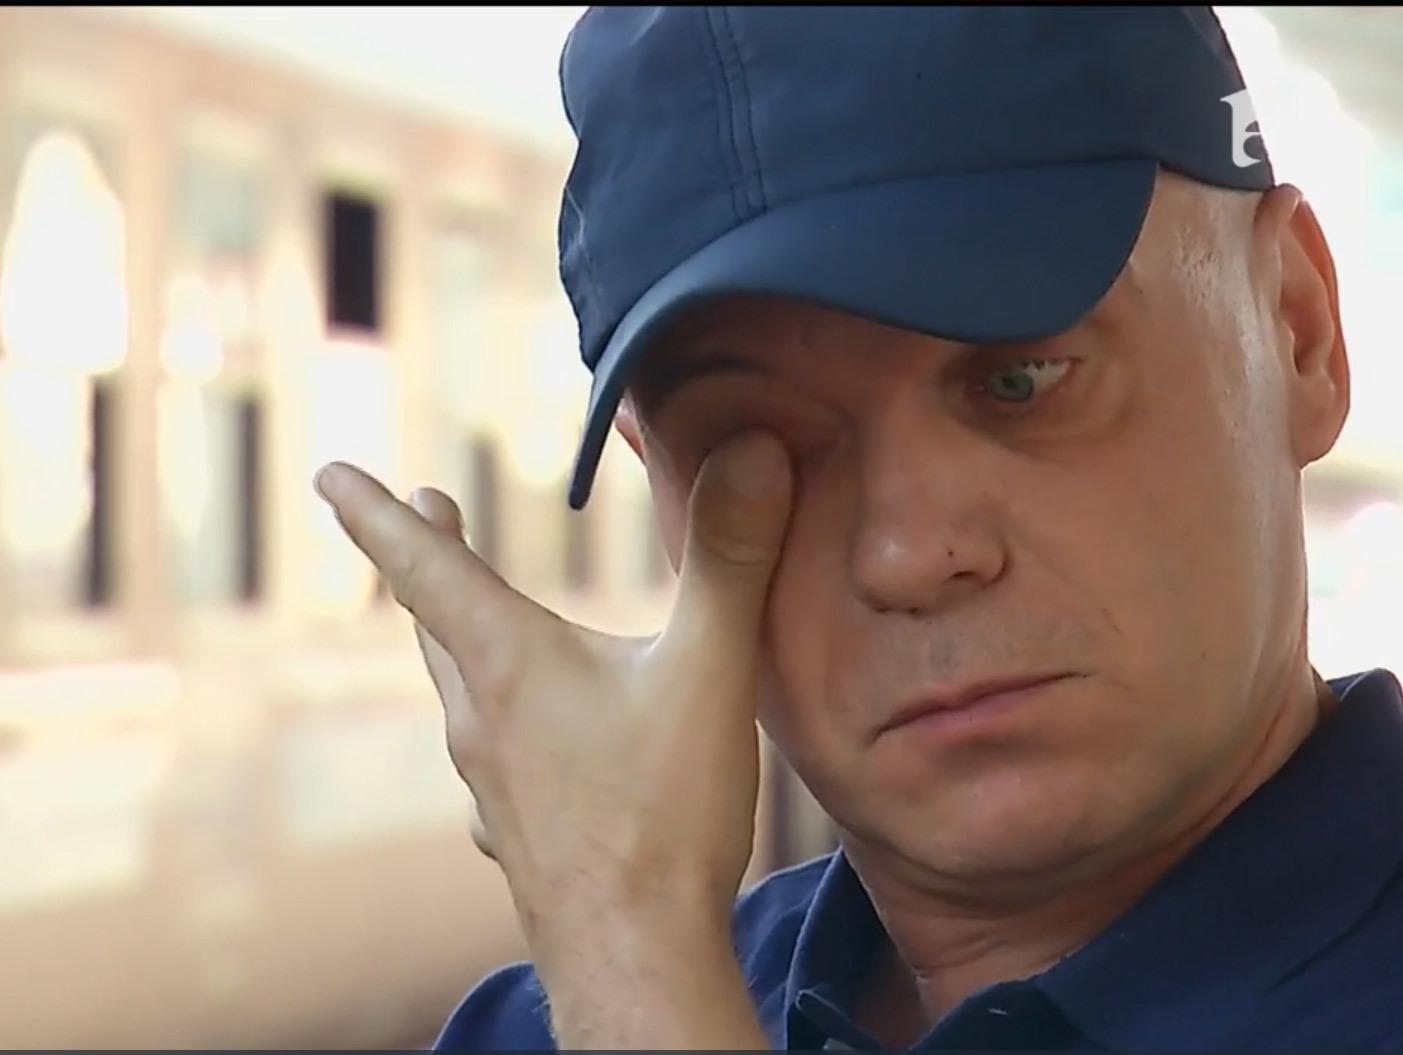 Nicuşor Dragnea a cerut iertare familiei victimei